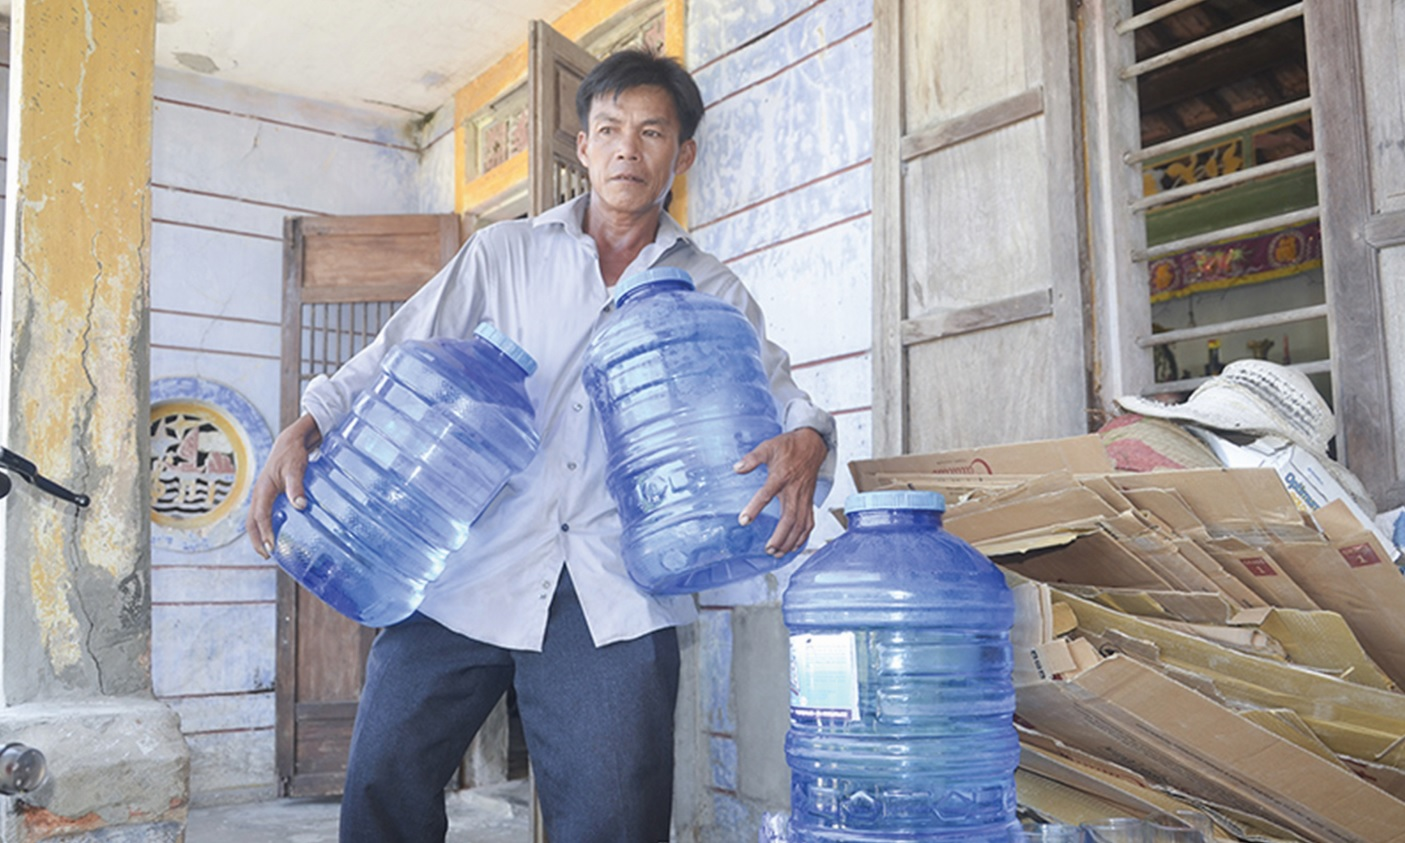 Gia đình ông Dương Minh Đức phải mua nước đóng bình về để sinh hoạt.